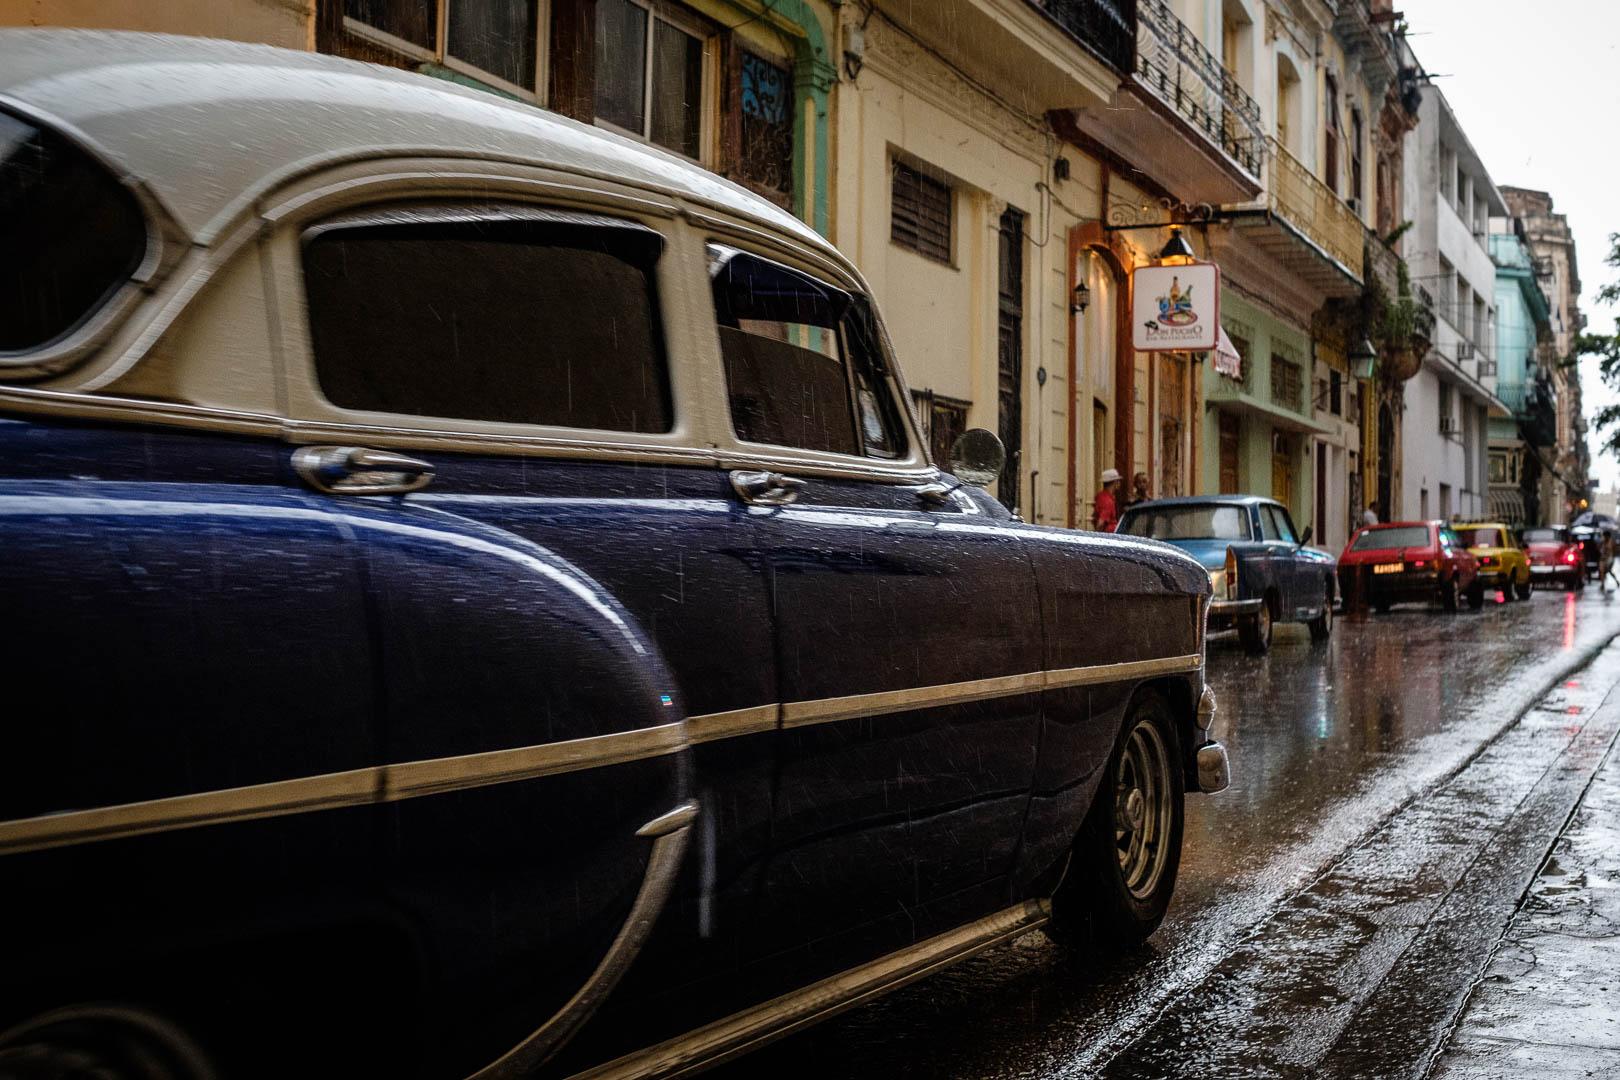 180426-Havana-131-1080.jpg